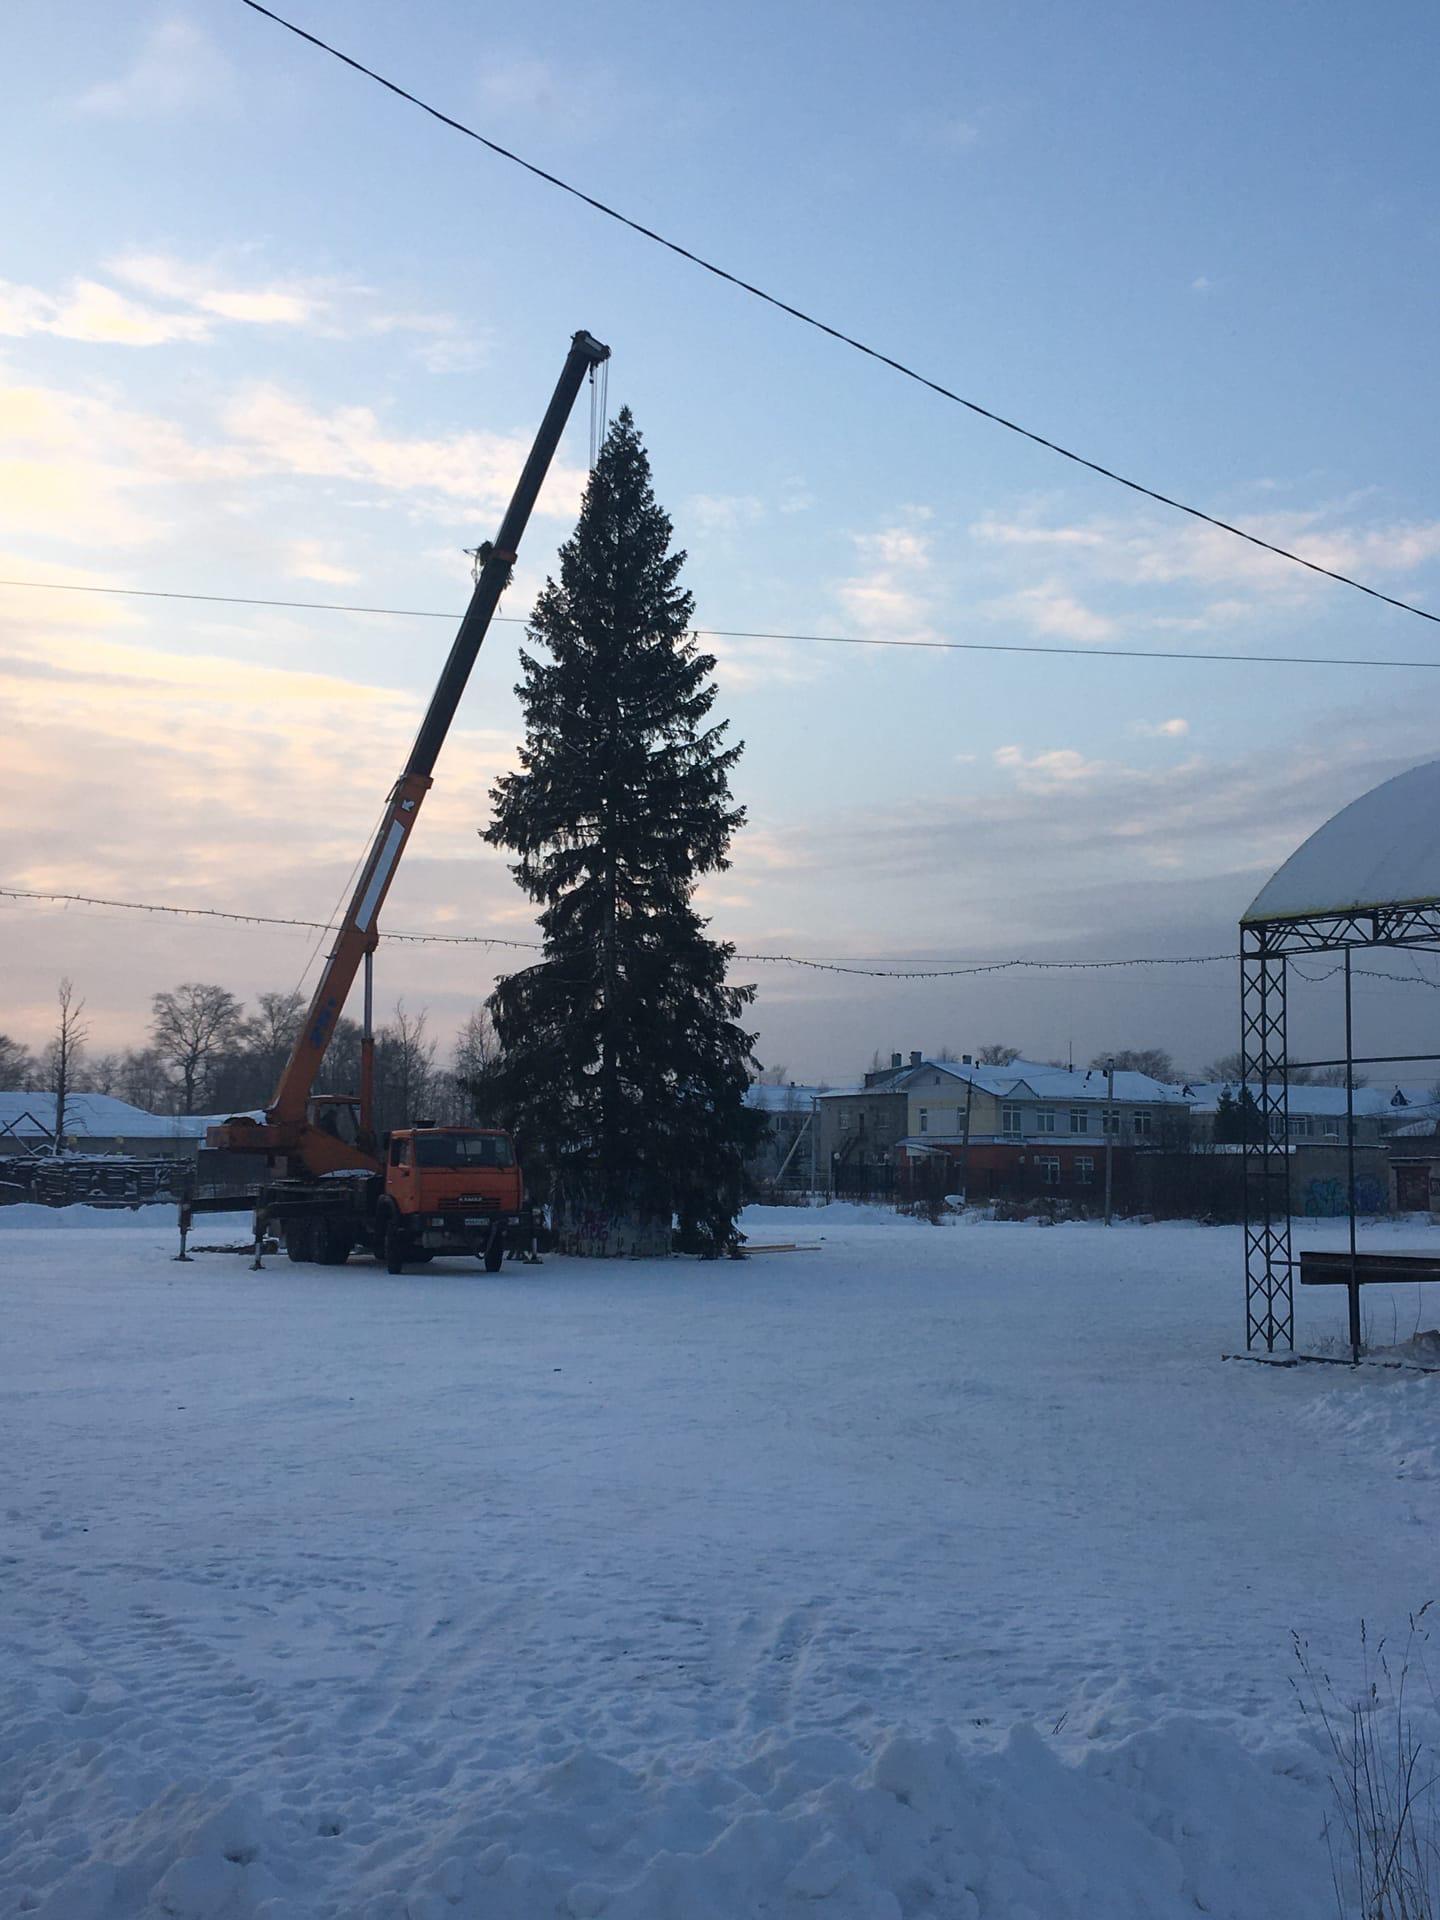 Сегодня на «рыночной» площади установили новогоднюю ель...